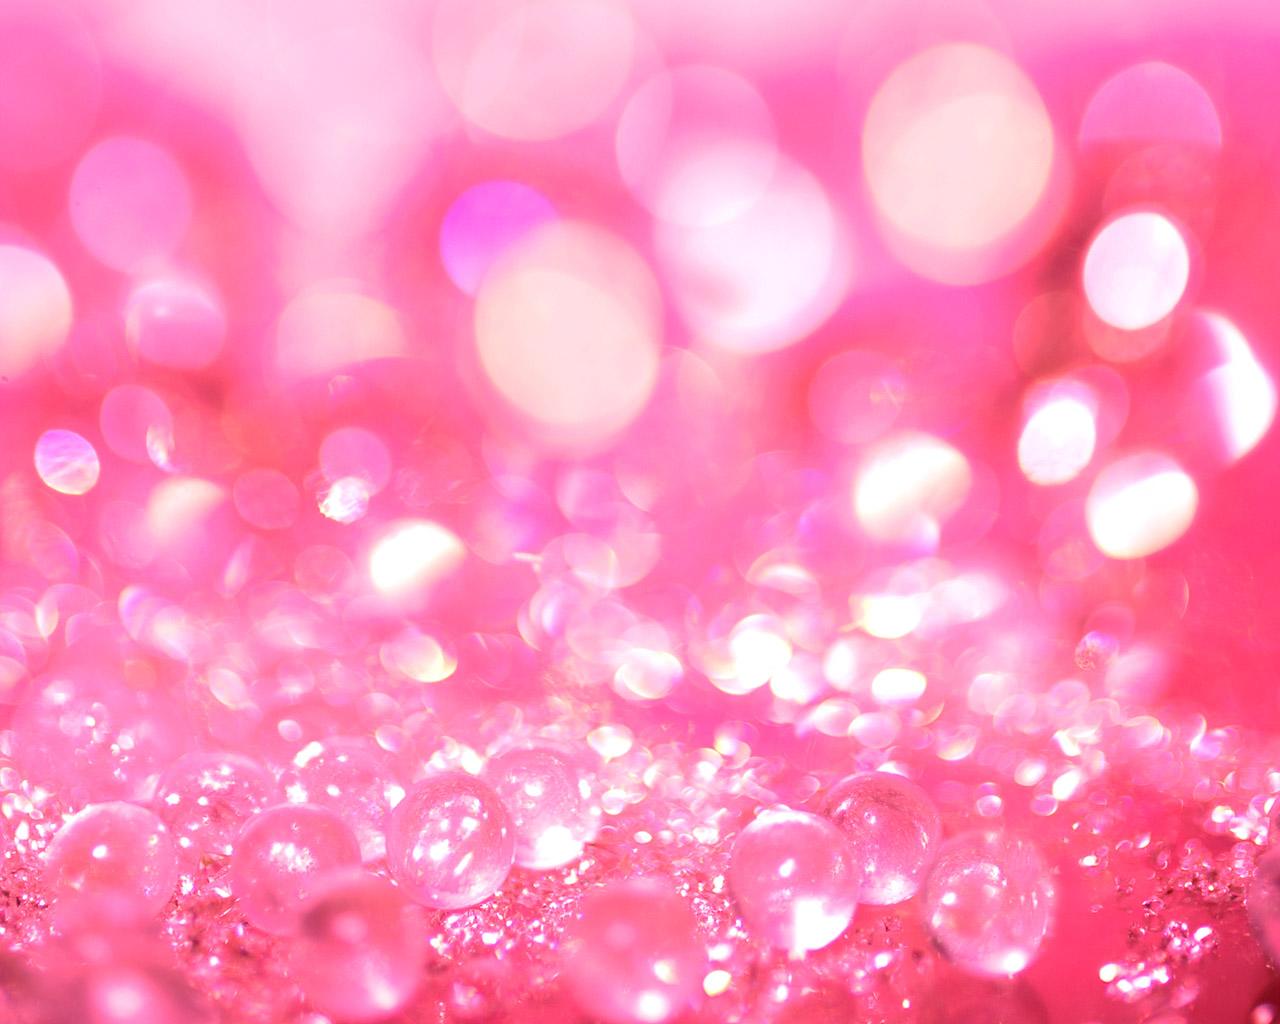 Pink Wallpaper   Colors Wallpaper 34511782 1280x1024